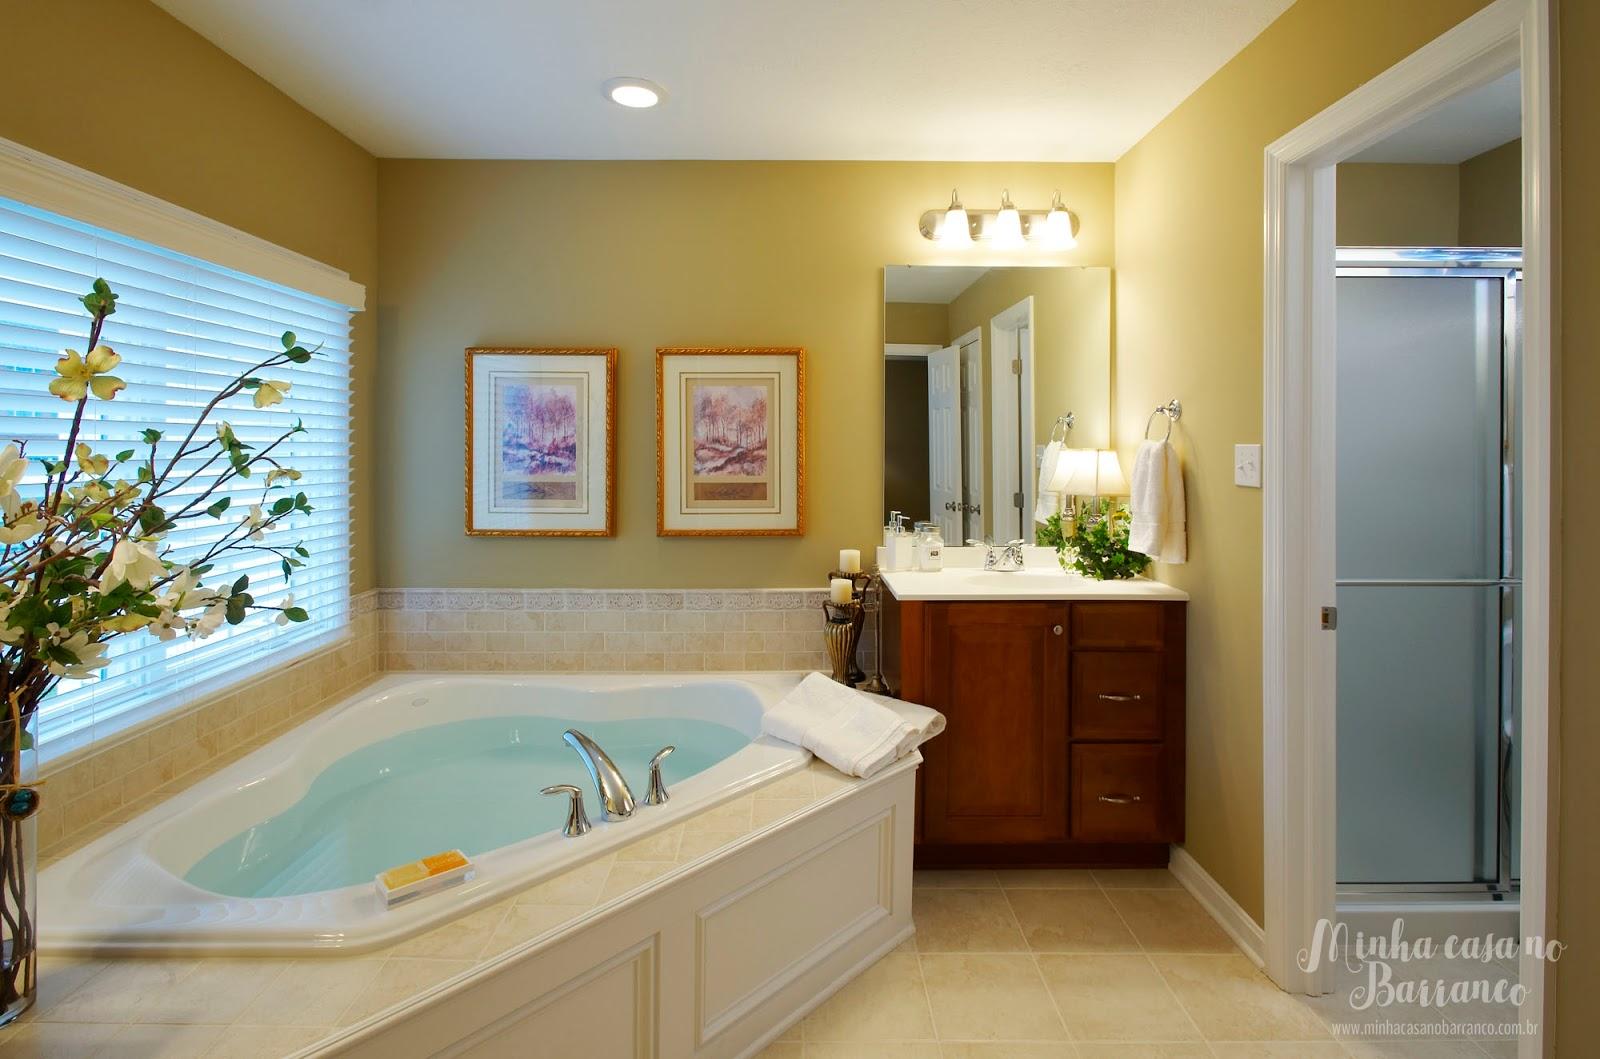 Barranco: Banheiros com Banheiras de Canto 30 ideias para inspirar #3A230E 1600x1059 Banheiro Com Banheira De Canto